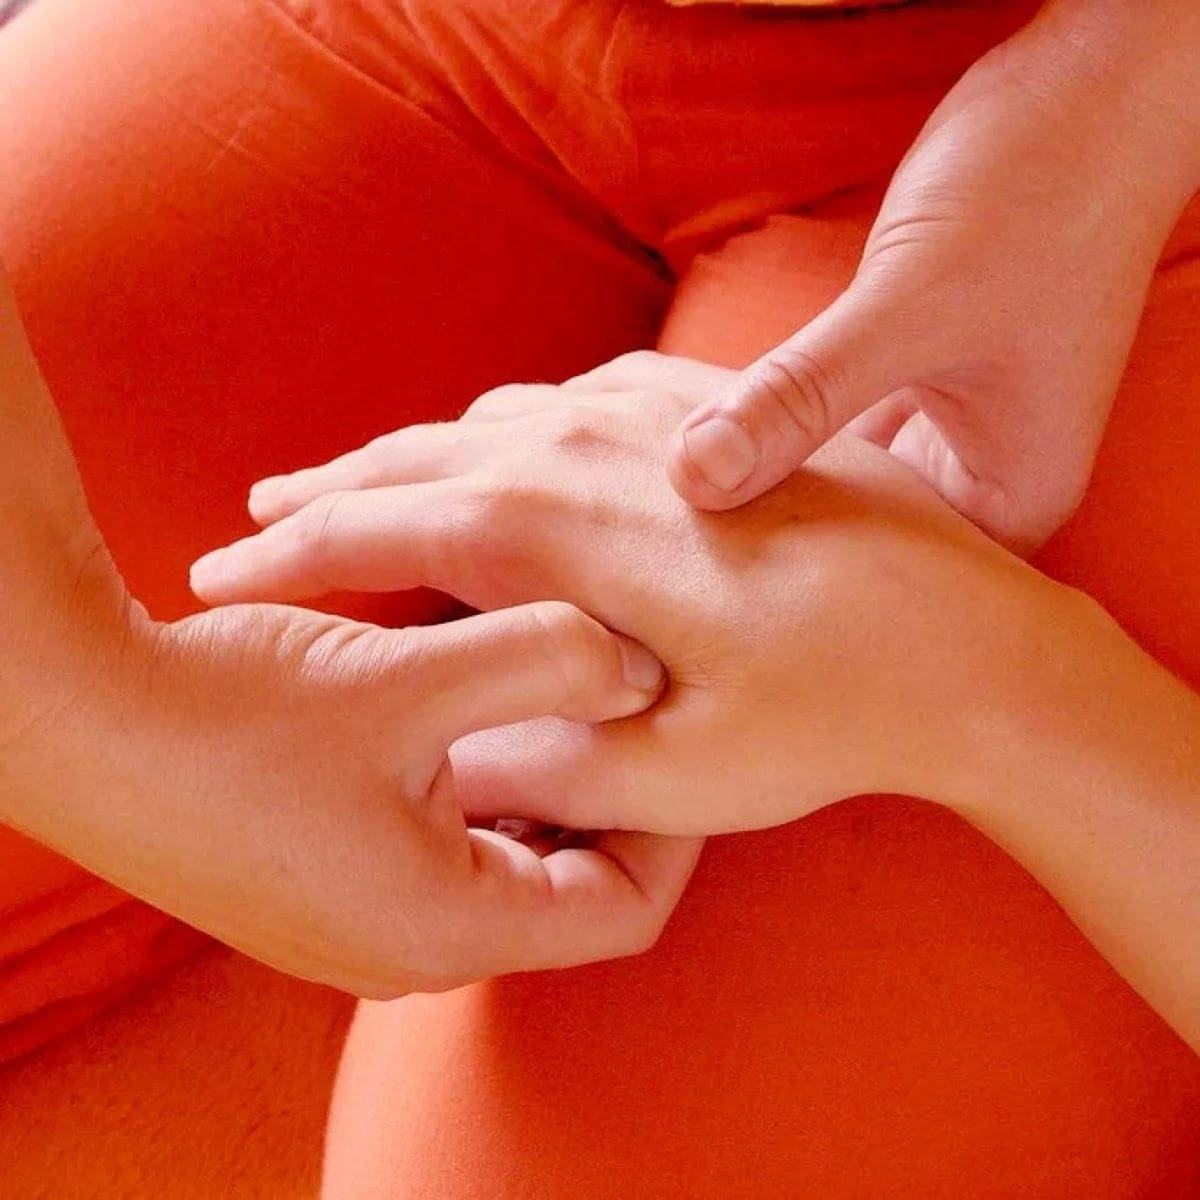 массаж геморроидальных узлов